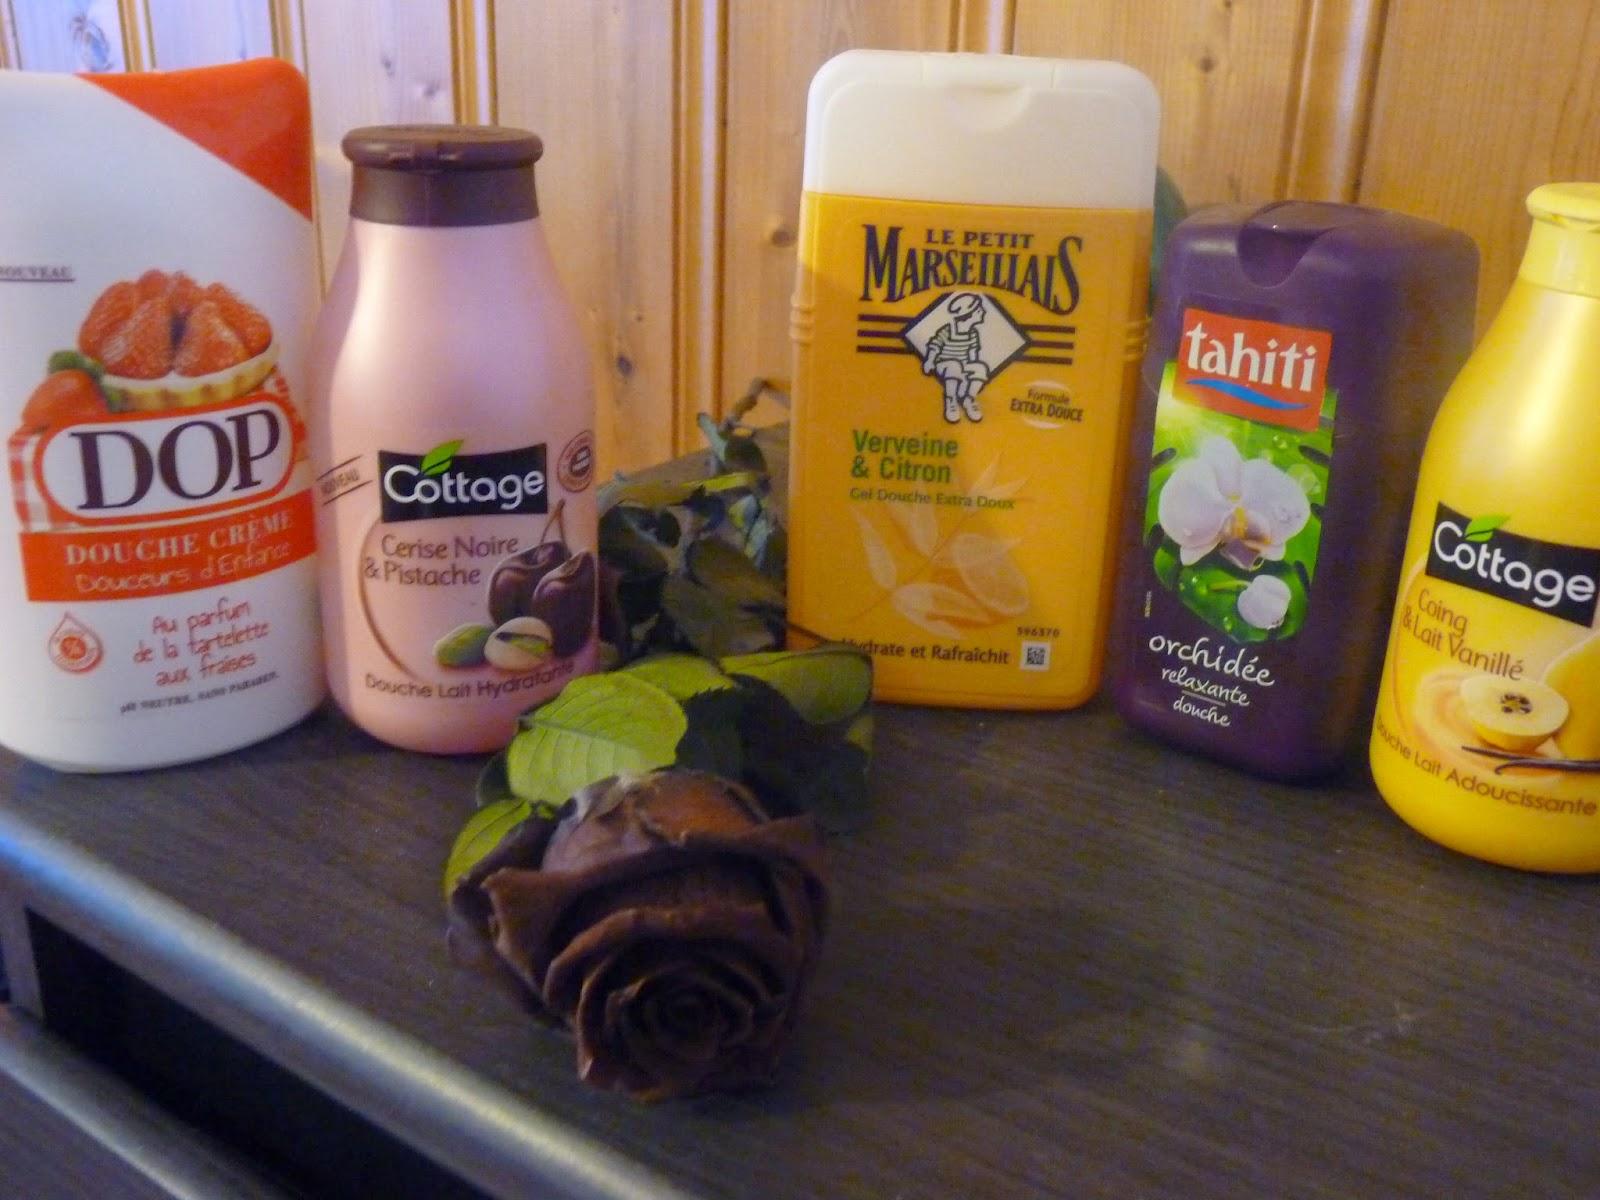 Dop, douche crème, tarte au fraise, gourmand, saveur enfance, cottage, cerise pistache, rose, cerise noire, le petit marseillais, veirveine citron, tahiti orchidée, cottage, lait vanillé, vanille, lait de douche, coing